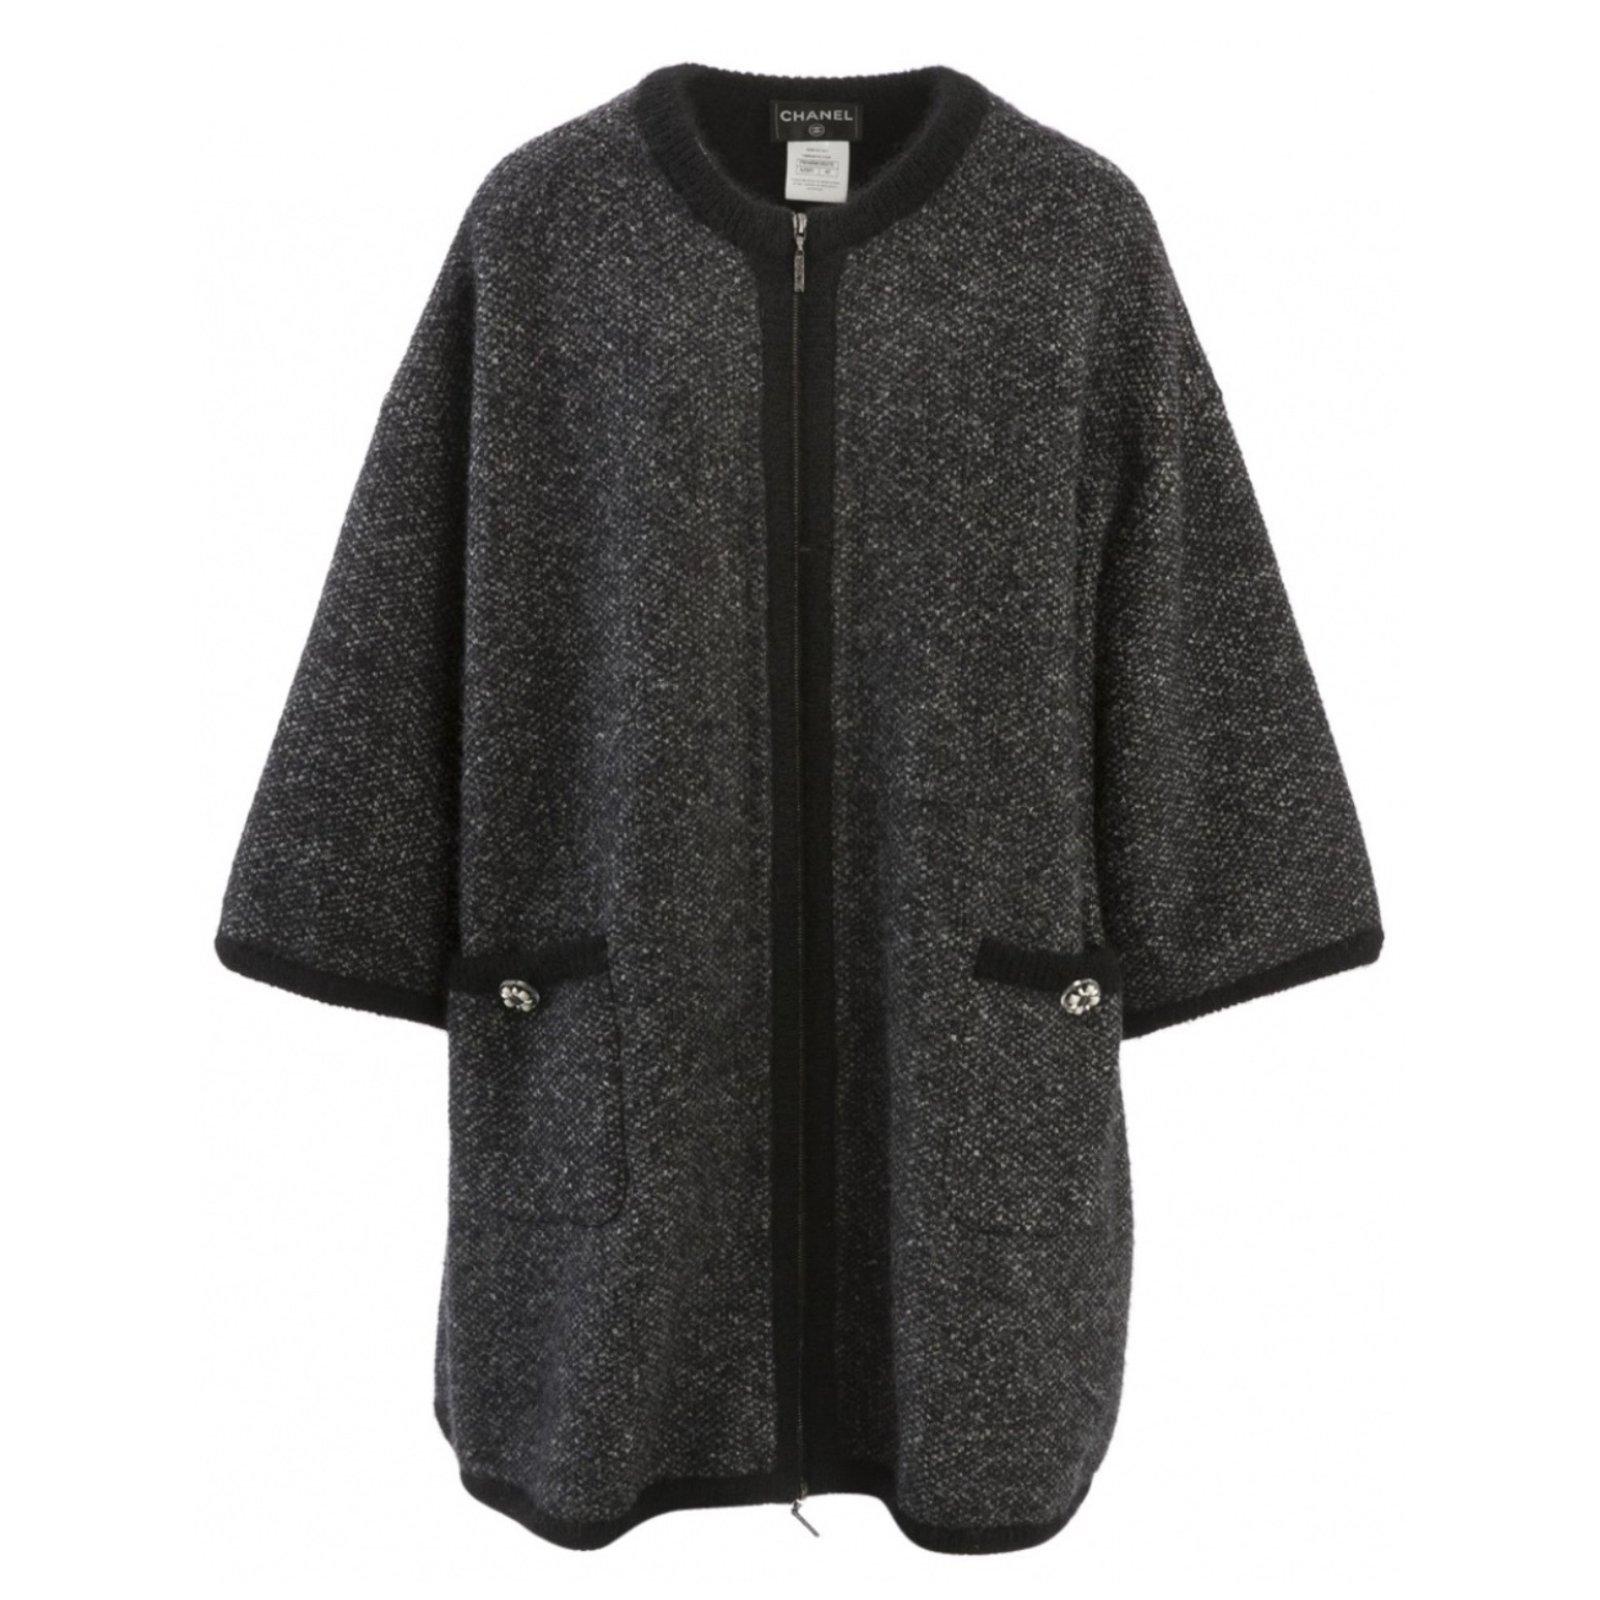 manteaux chanel manteau cachemire 2015 2016 laine gris anthracite joli closet. Black Bedroom Furniture Sets. Home Design Ideas